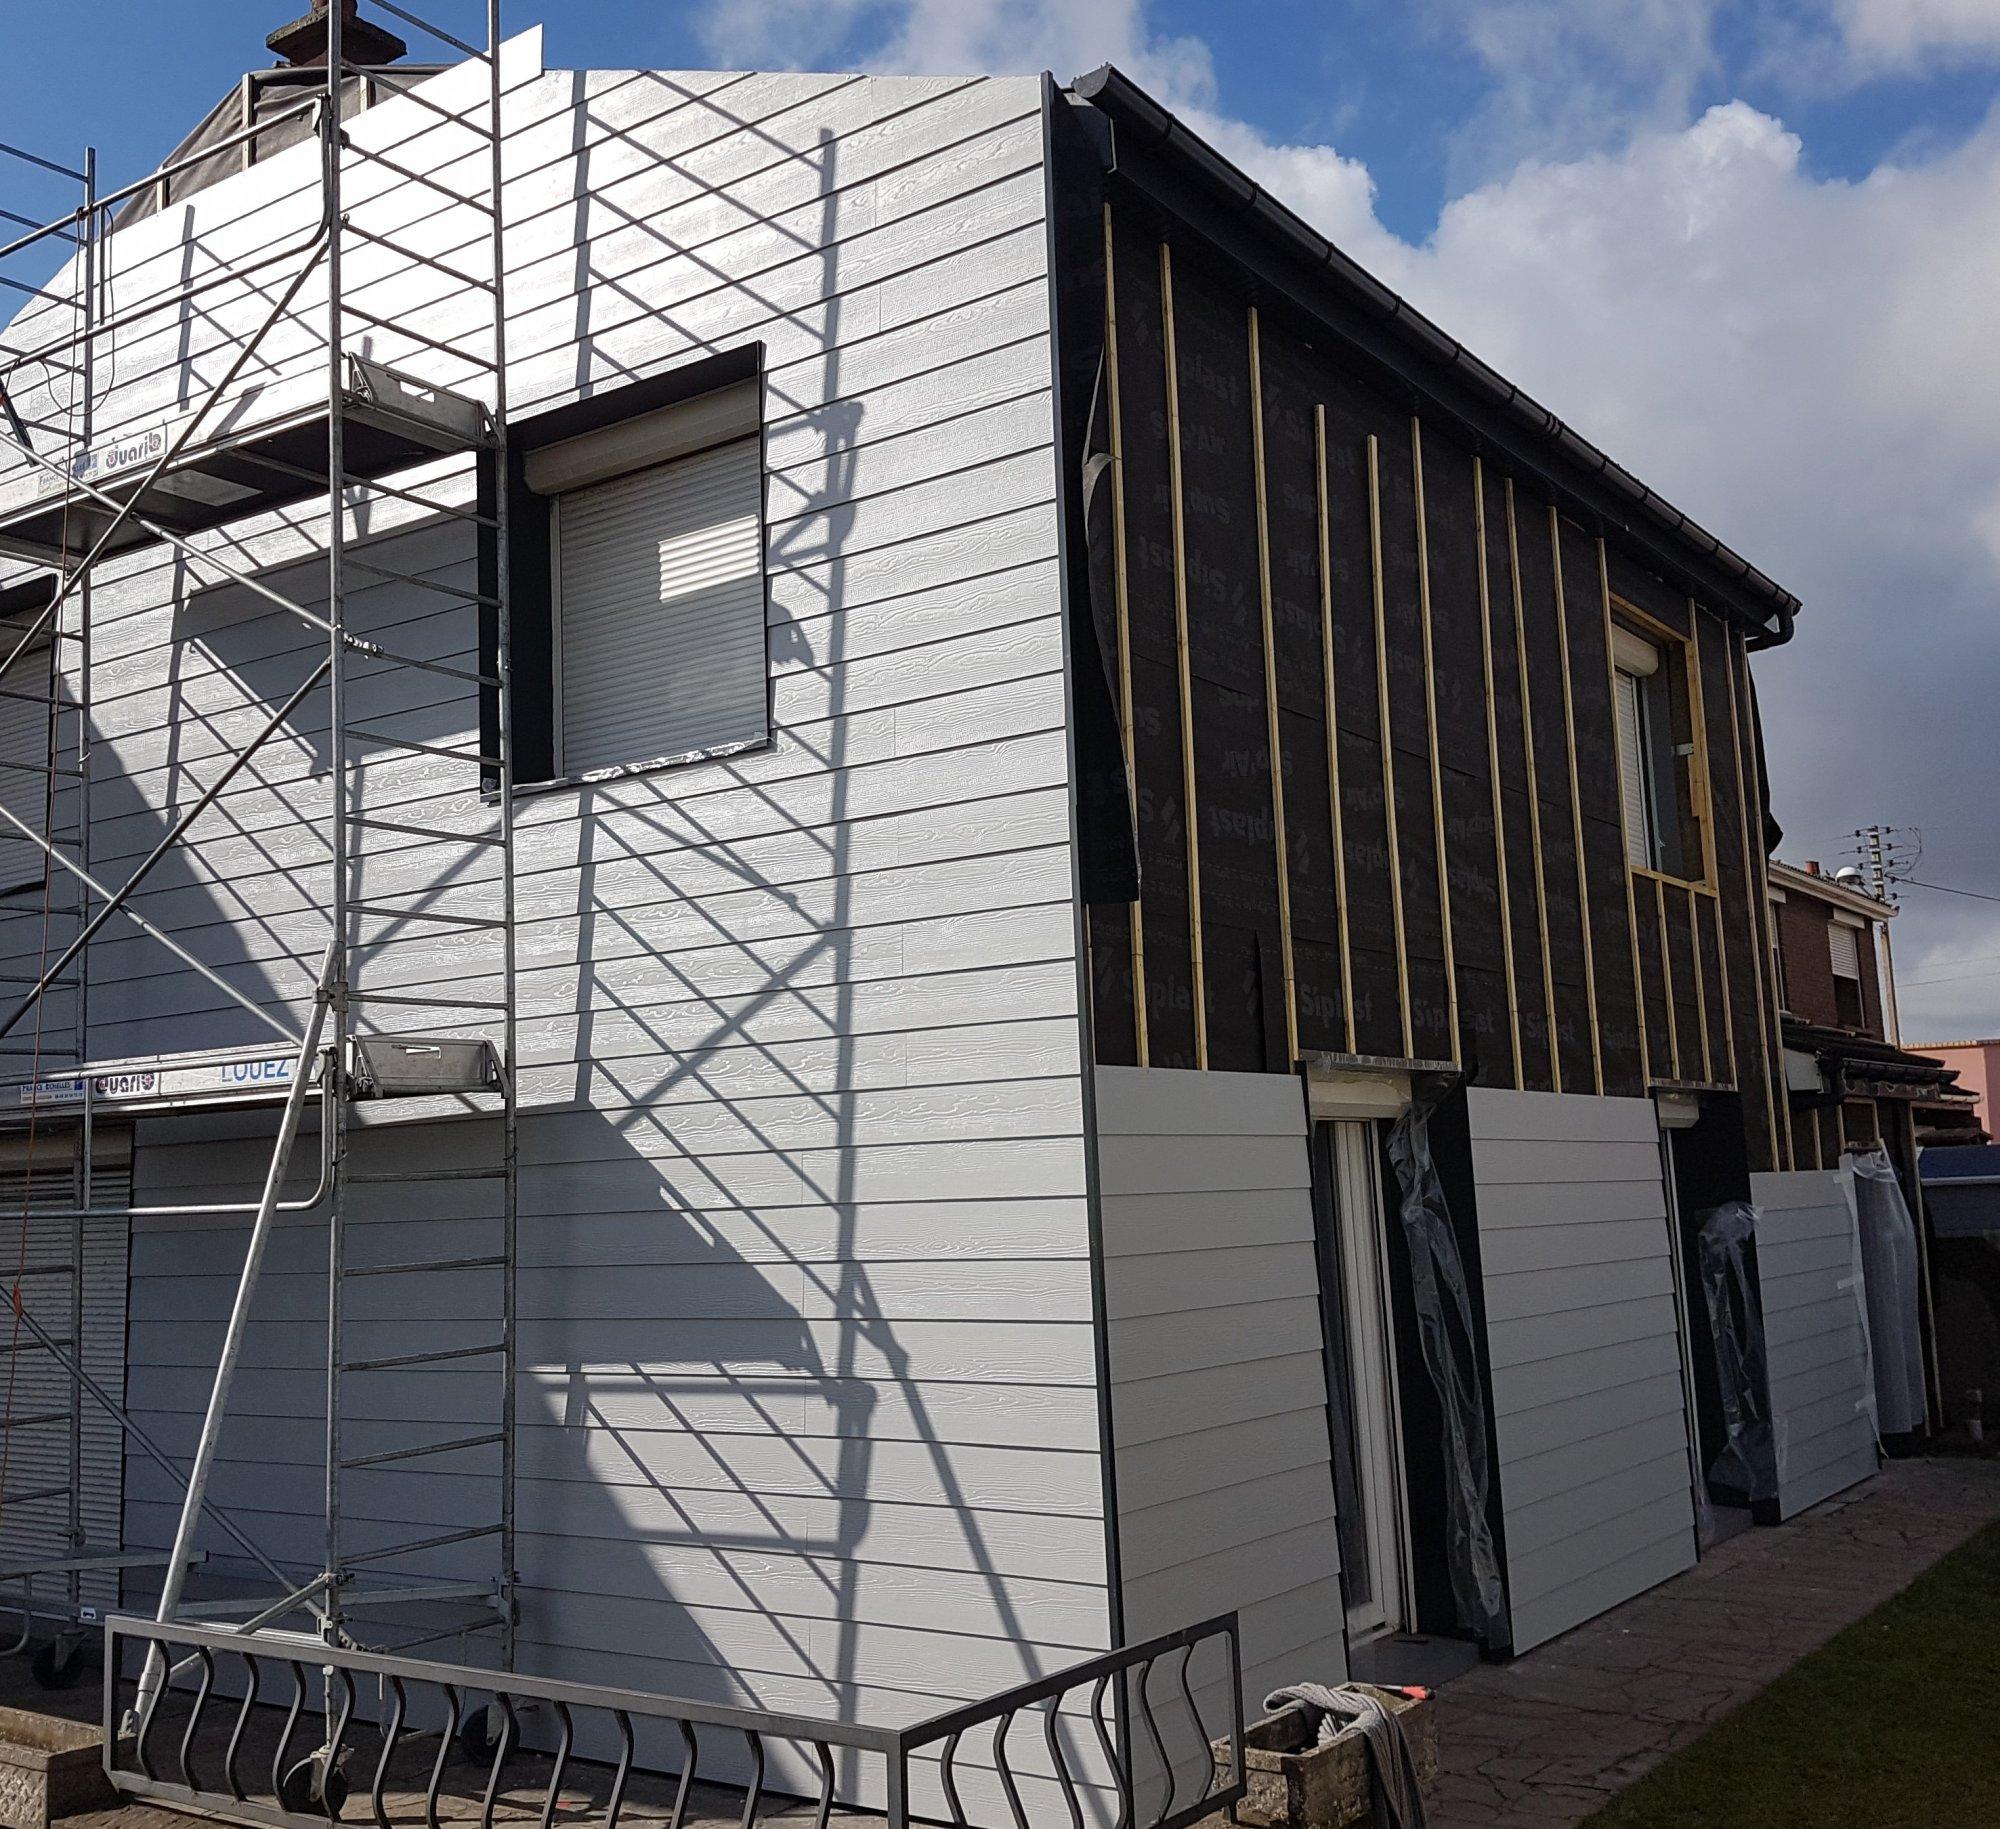 Isolation Mur Exterieur Renovation isolation thermique des murs par l'extérieur (ite) - dpi cets